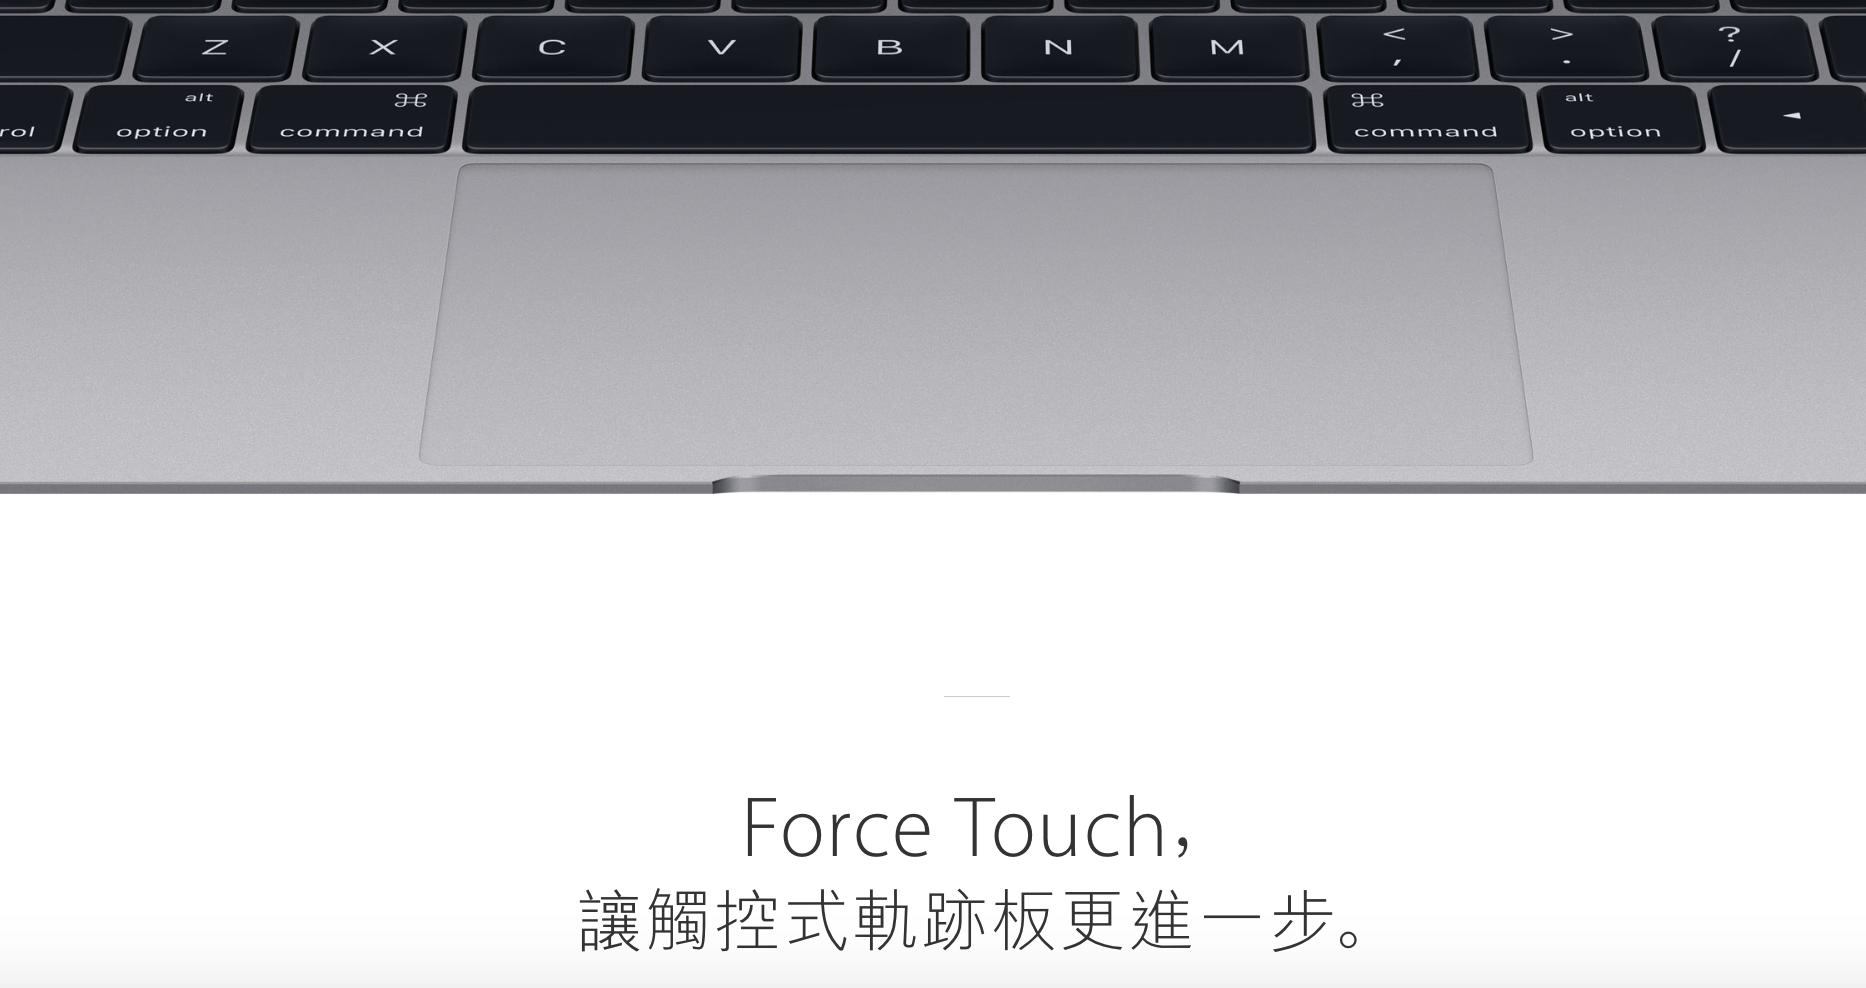 全新設計的觸控板Force Touch。(蘋果官網)